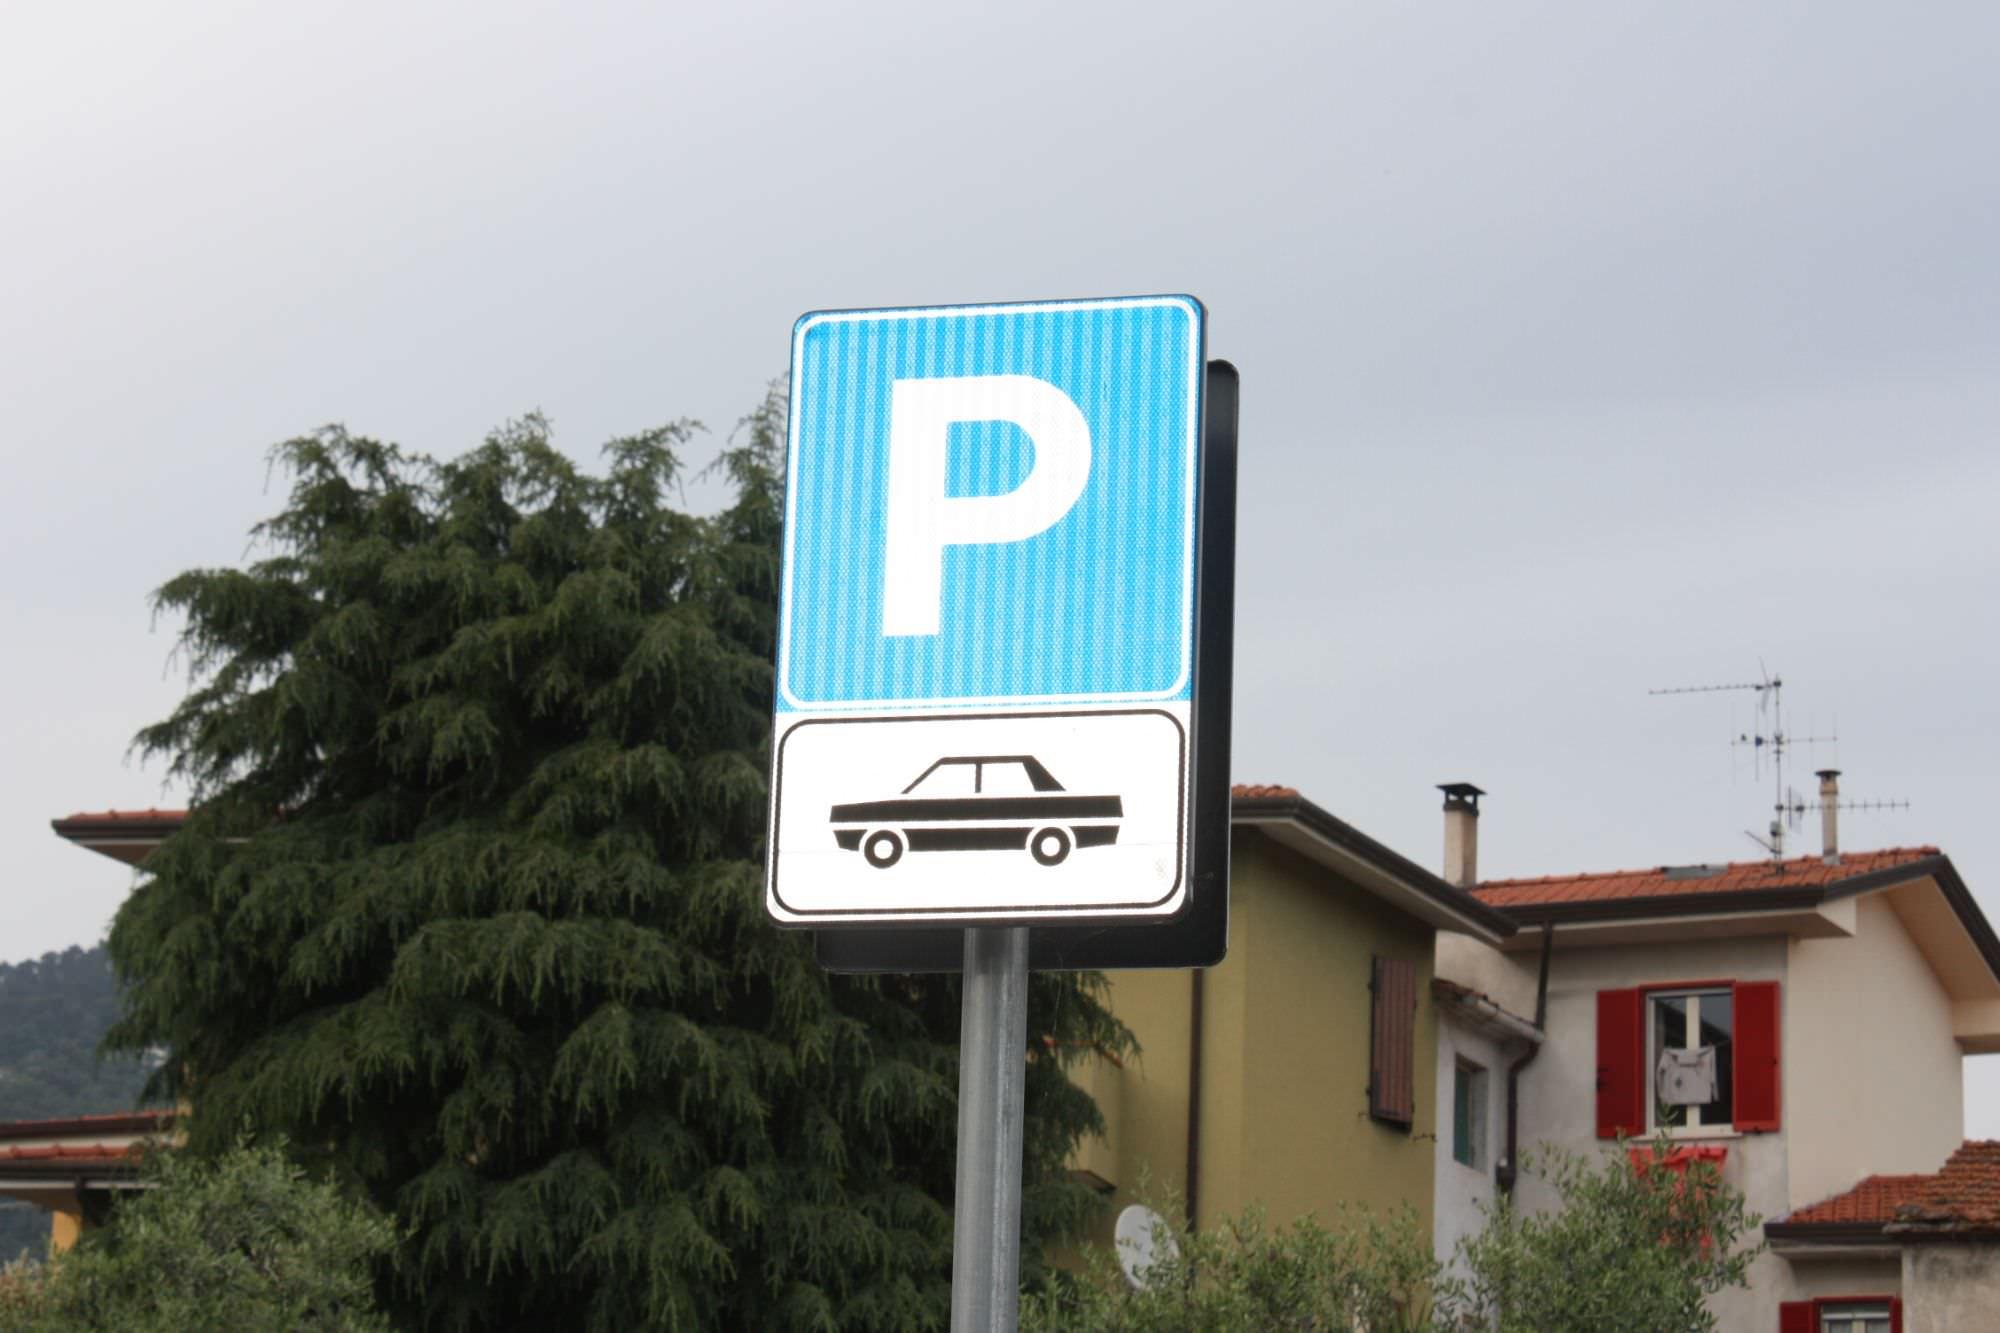 Parcheggio gratuito allargato a tutte le persone con disabilità